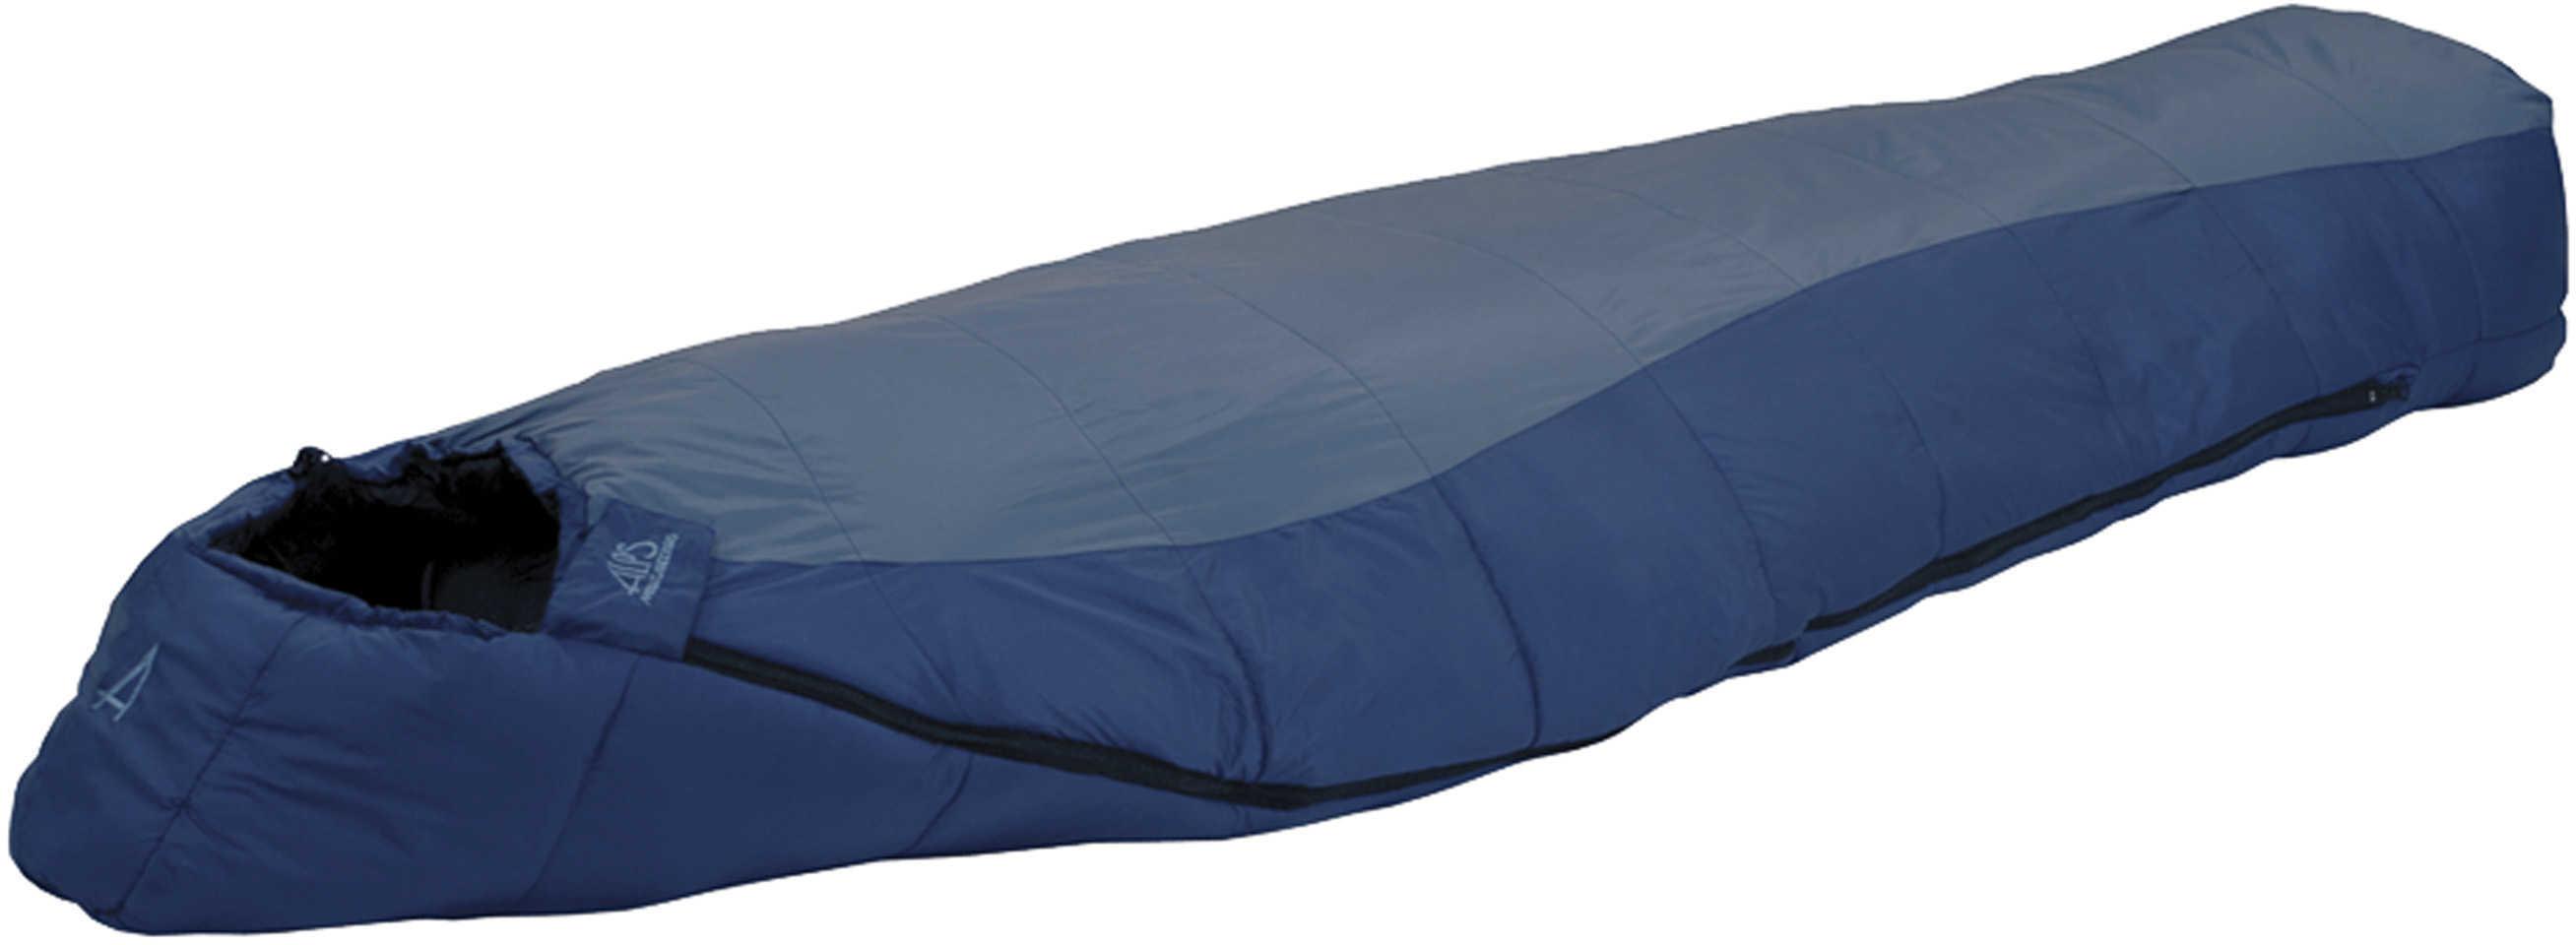 Blue Springs Blue/Navy Sleeping Bag +35° Long Md: 4703732